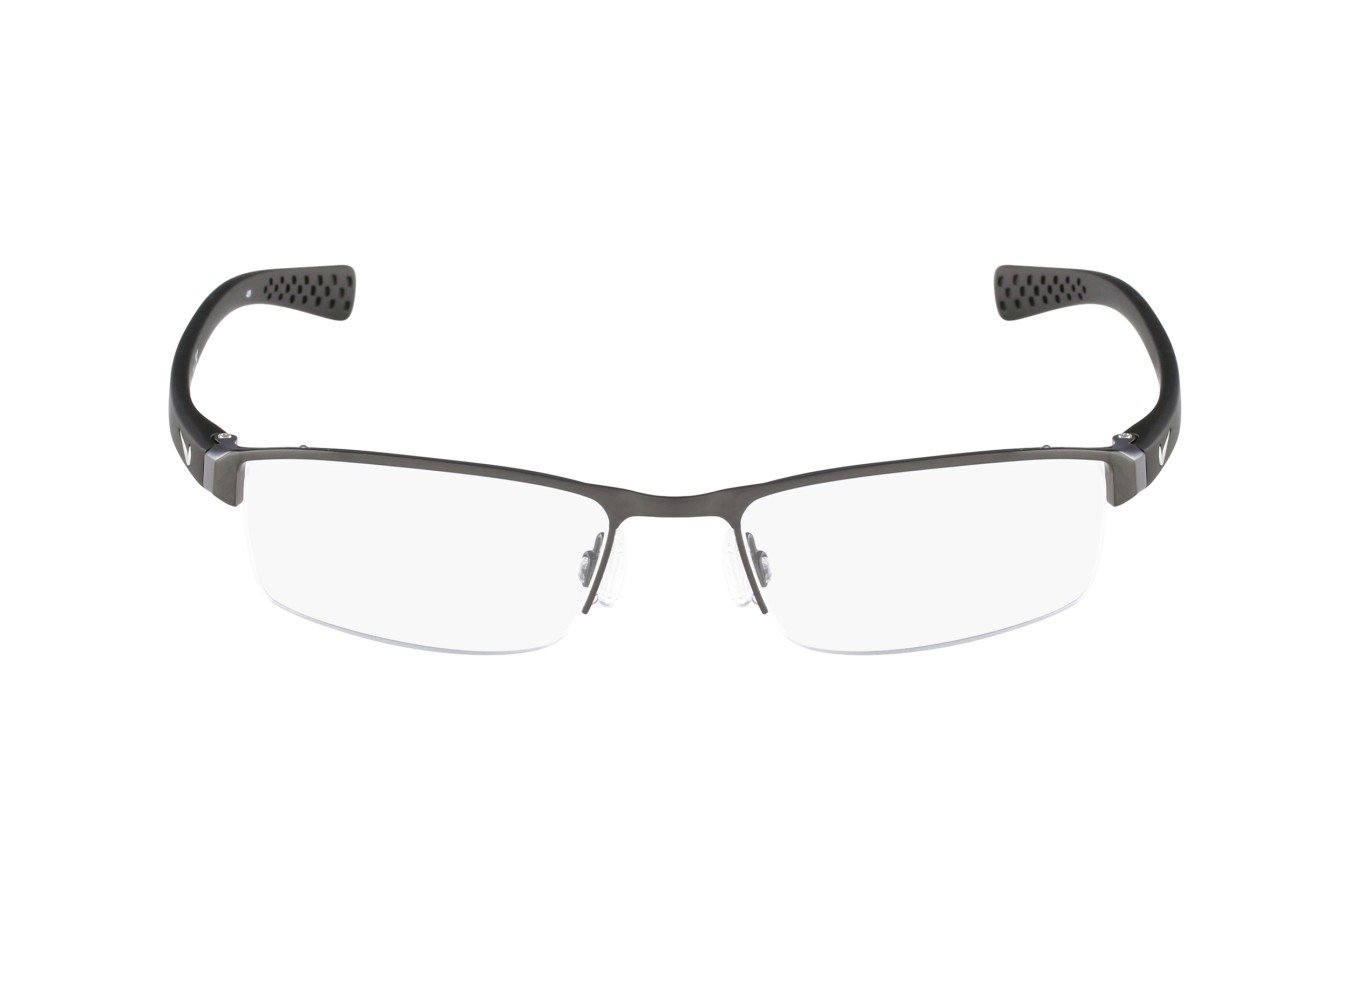 Nike Eyeglasses 8095 060 Brushed Gunmetal Demo 50 17